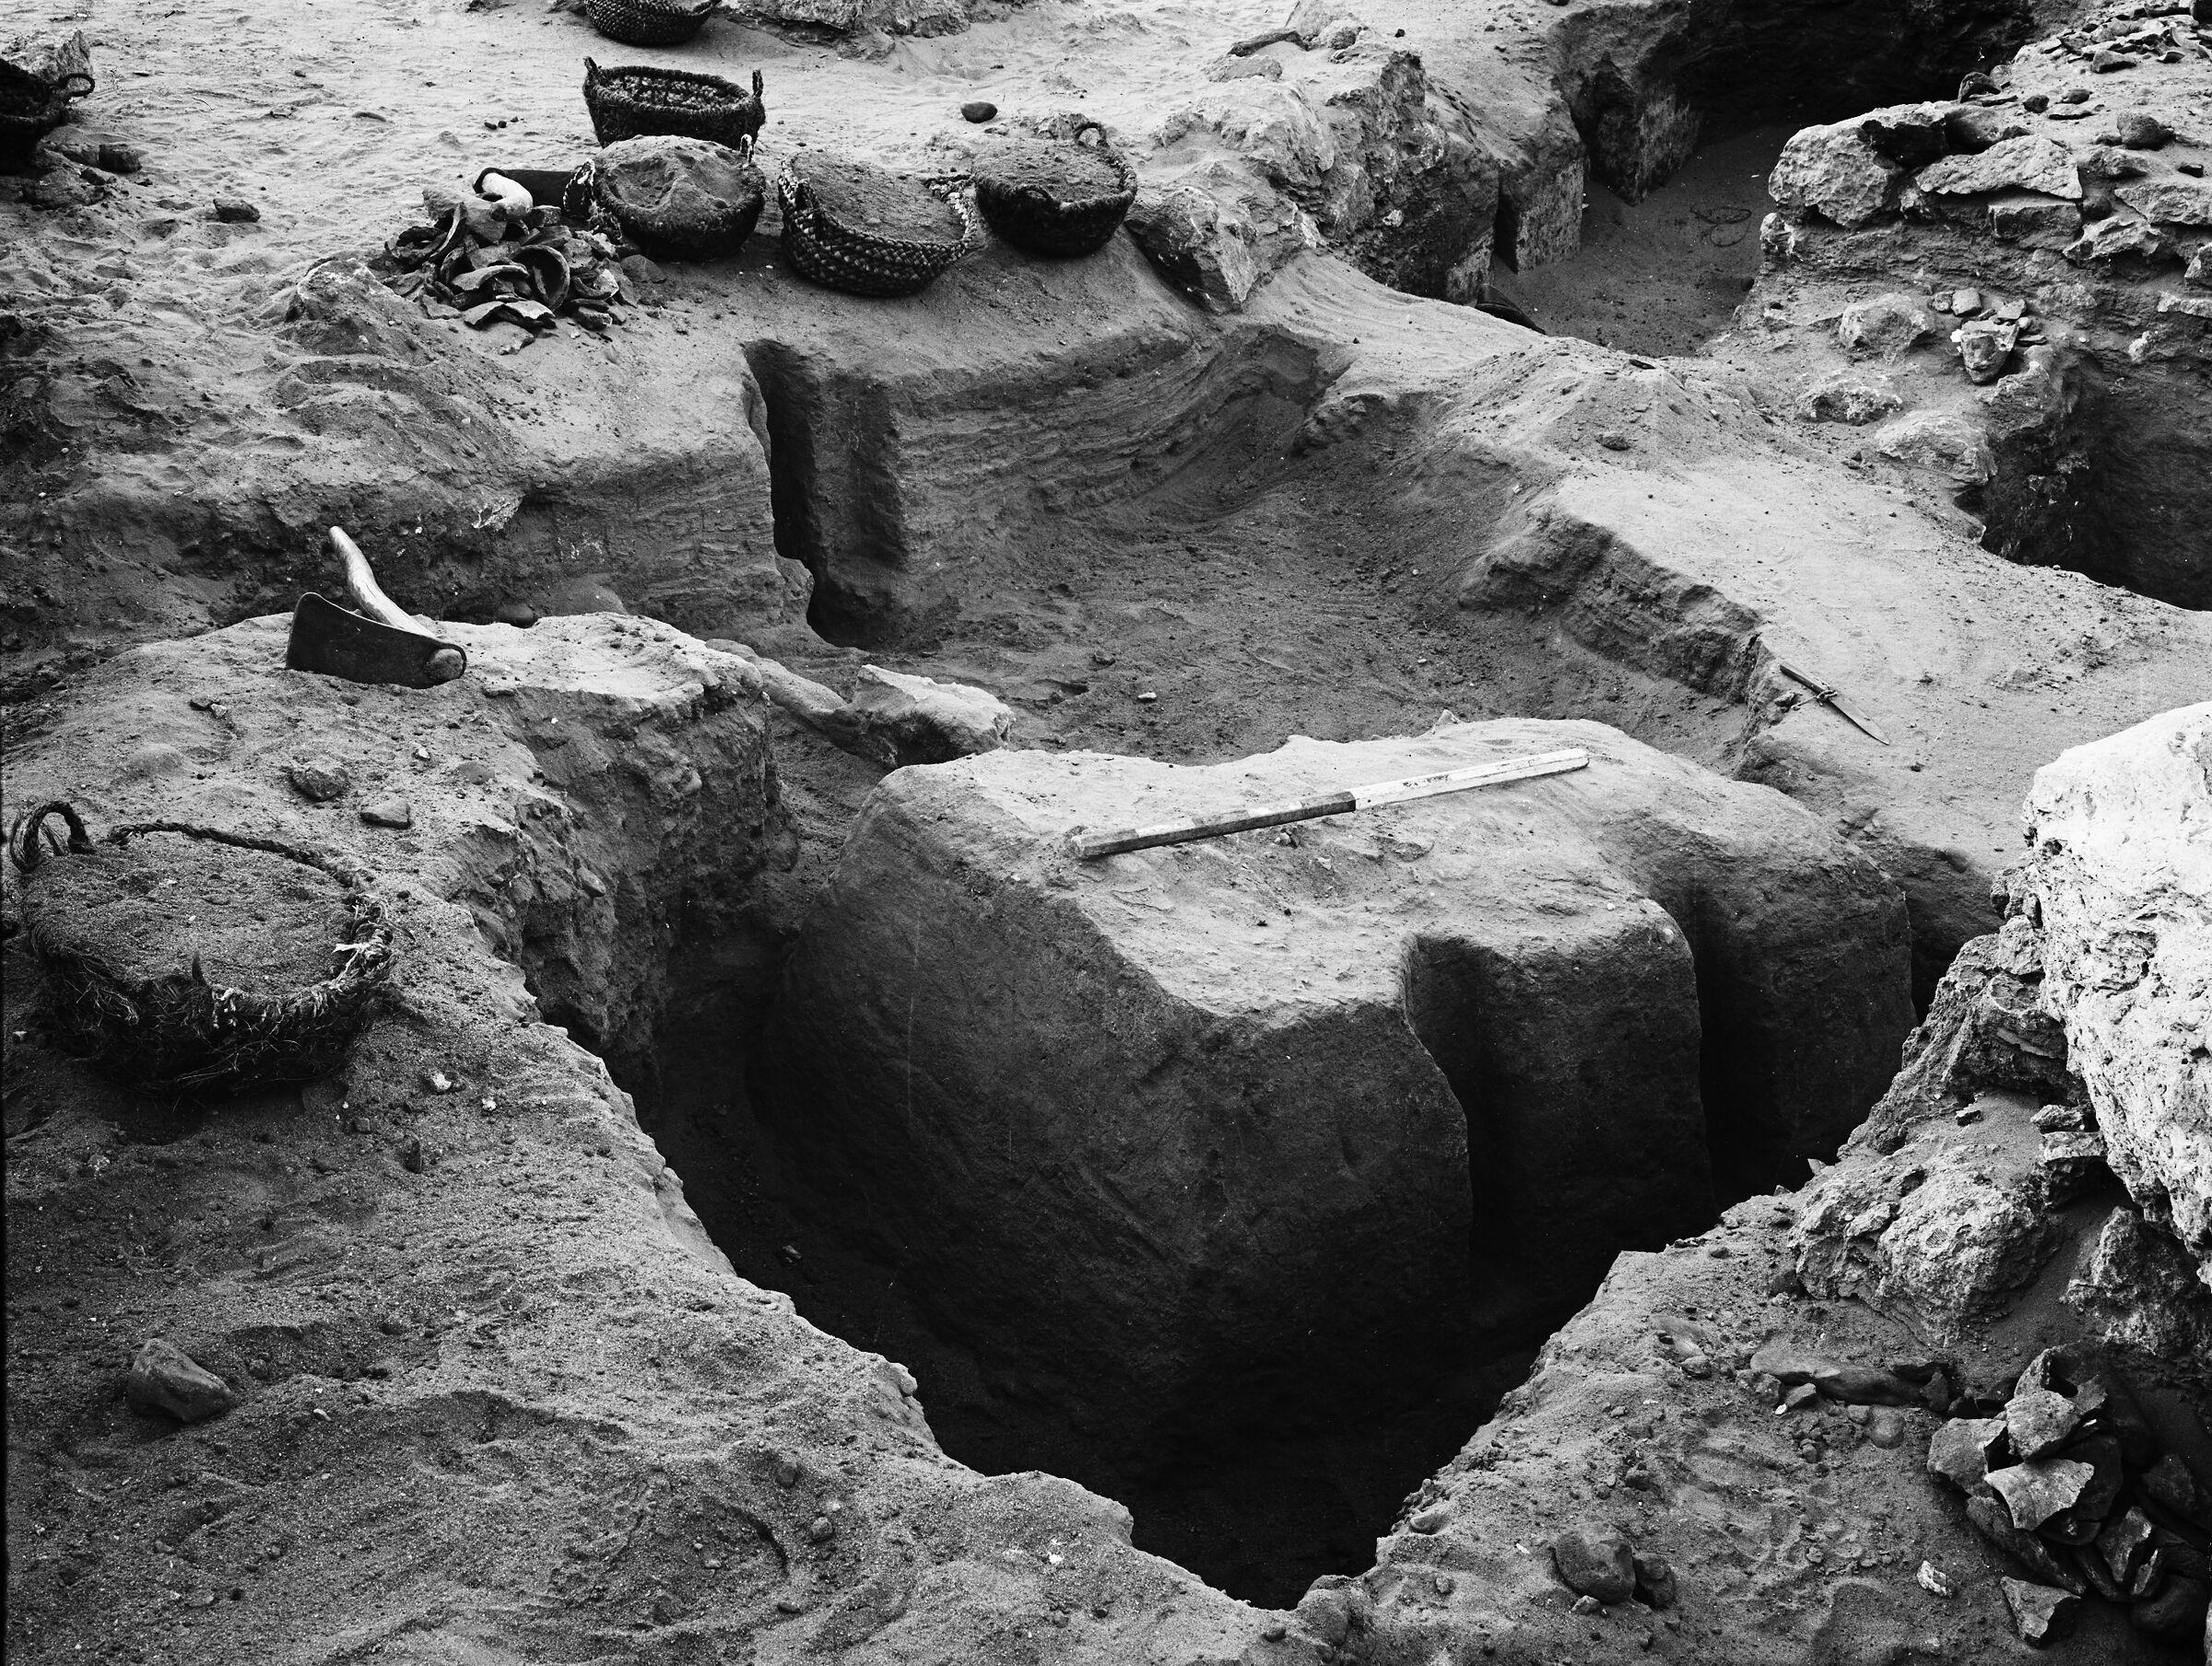 Wadi Cemetery (Reisner; north of W. Cem): Site: Giza; View: GW 20, GW 22, GW 26, GW 27, GW 28, GW 29, GW 30